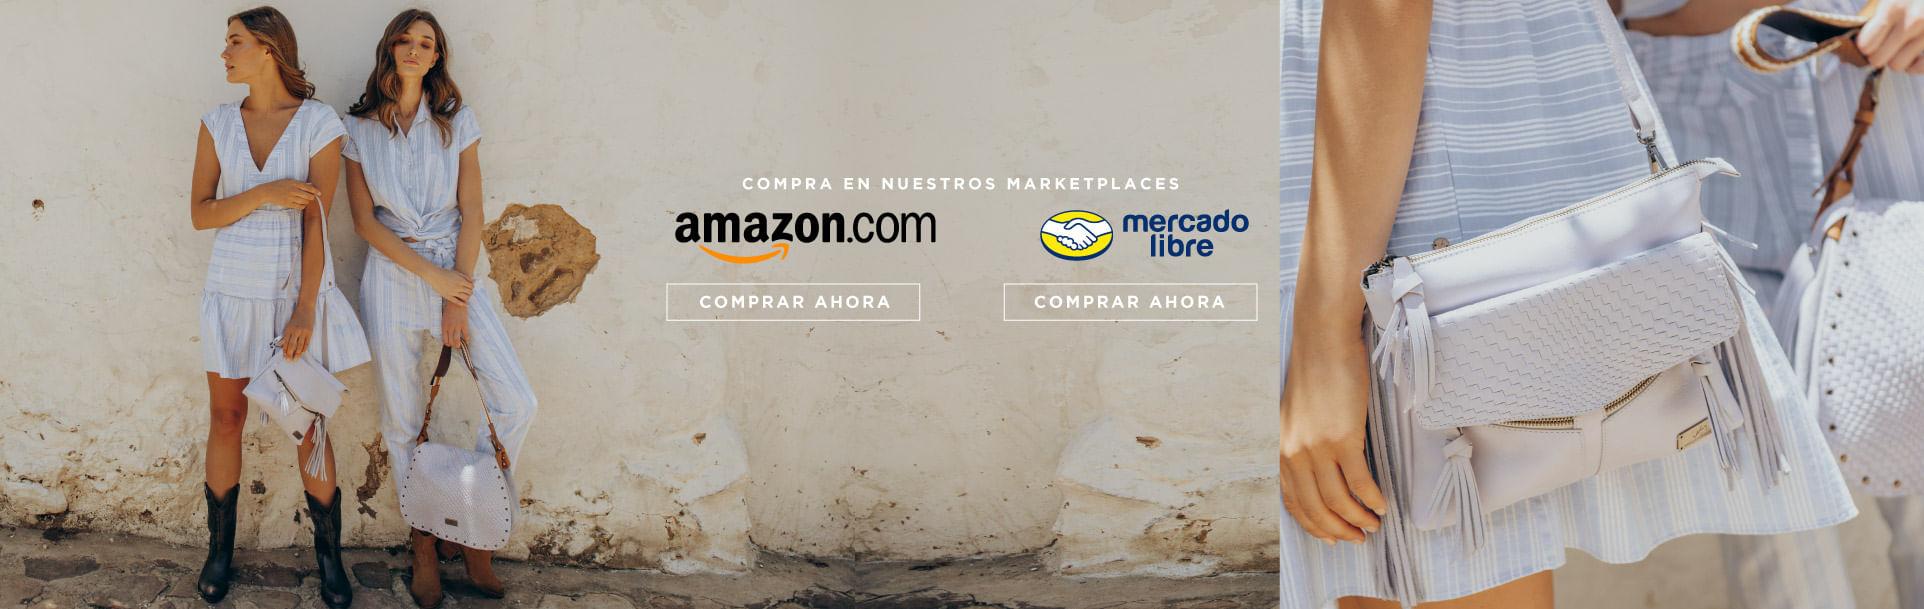 somos piel y lujo artesanal, conoce los mejores productos en cuero en México, puedes comprar online en Mercado Libre y Amazon